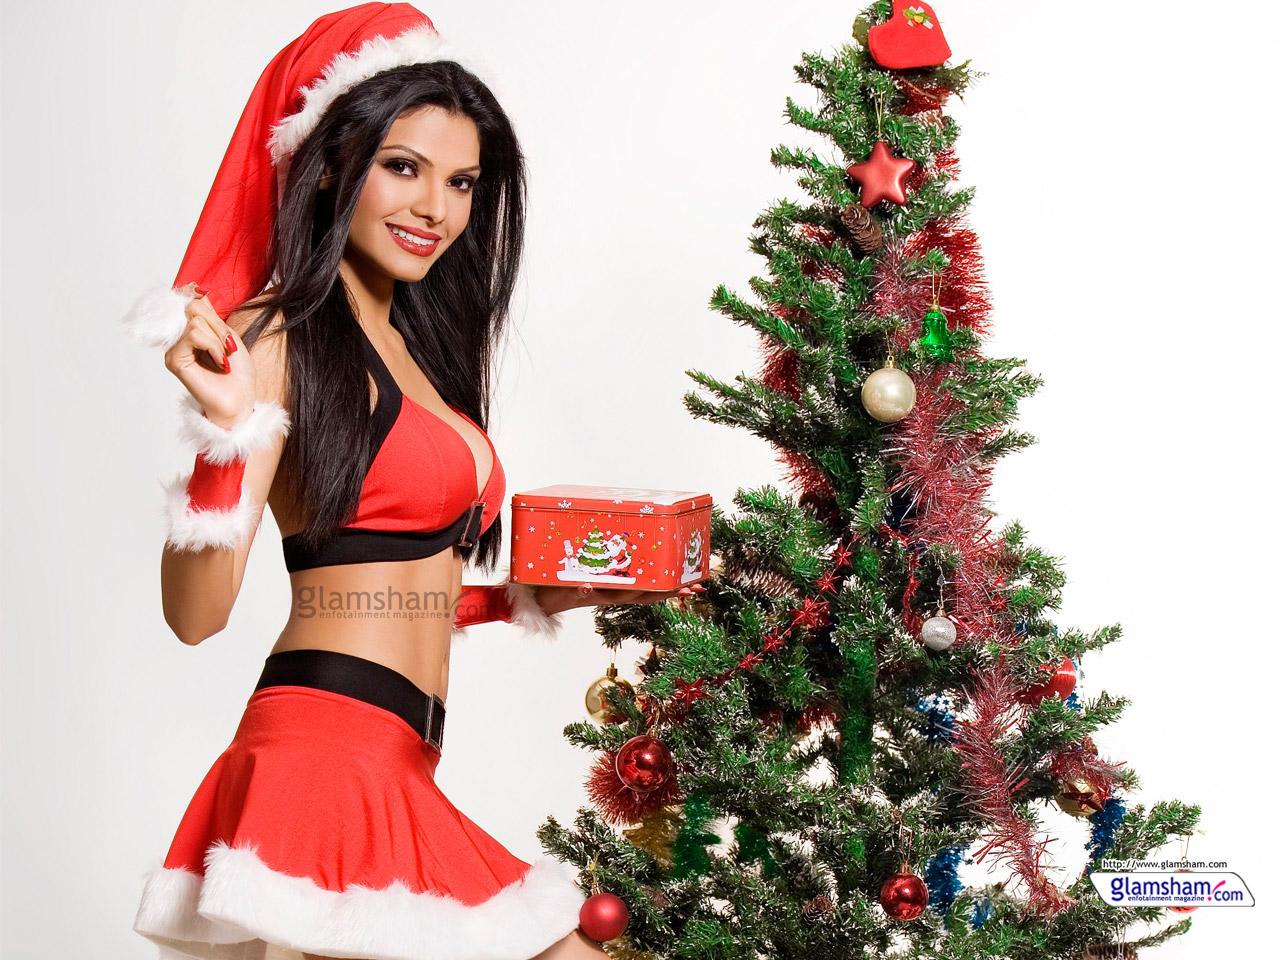 Bollywood babes celebrate Christmas 60563 - Glamsham